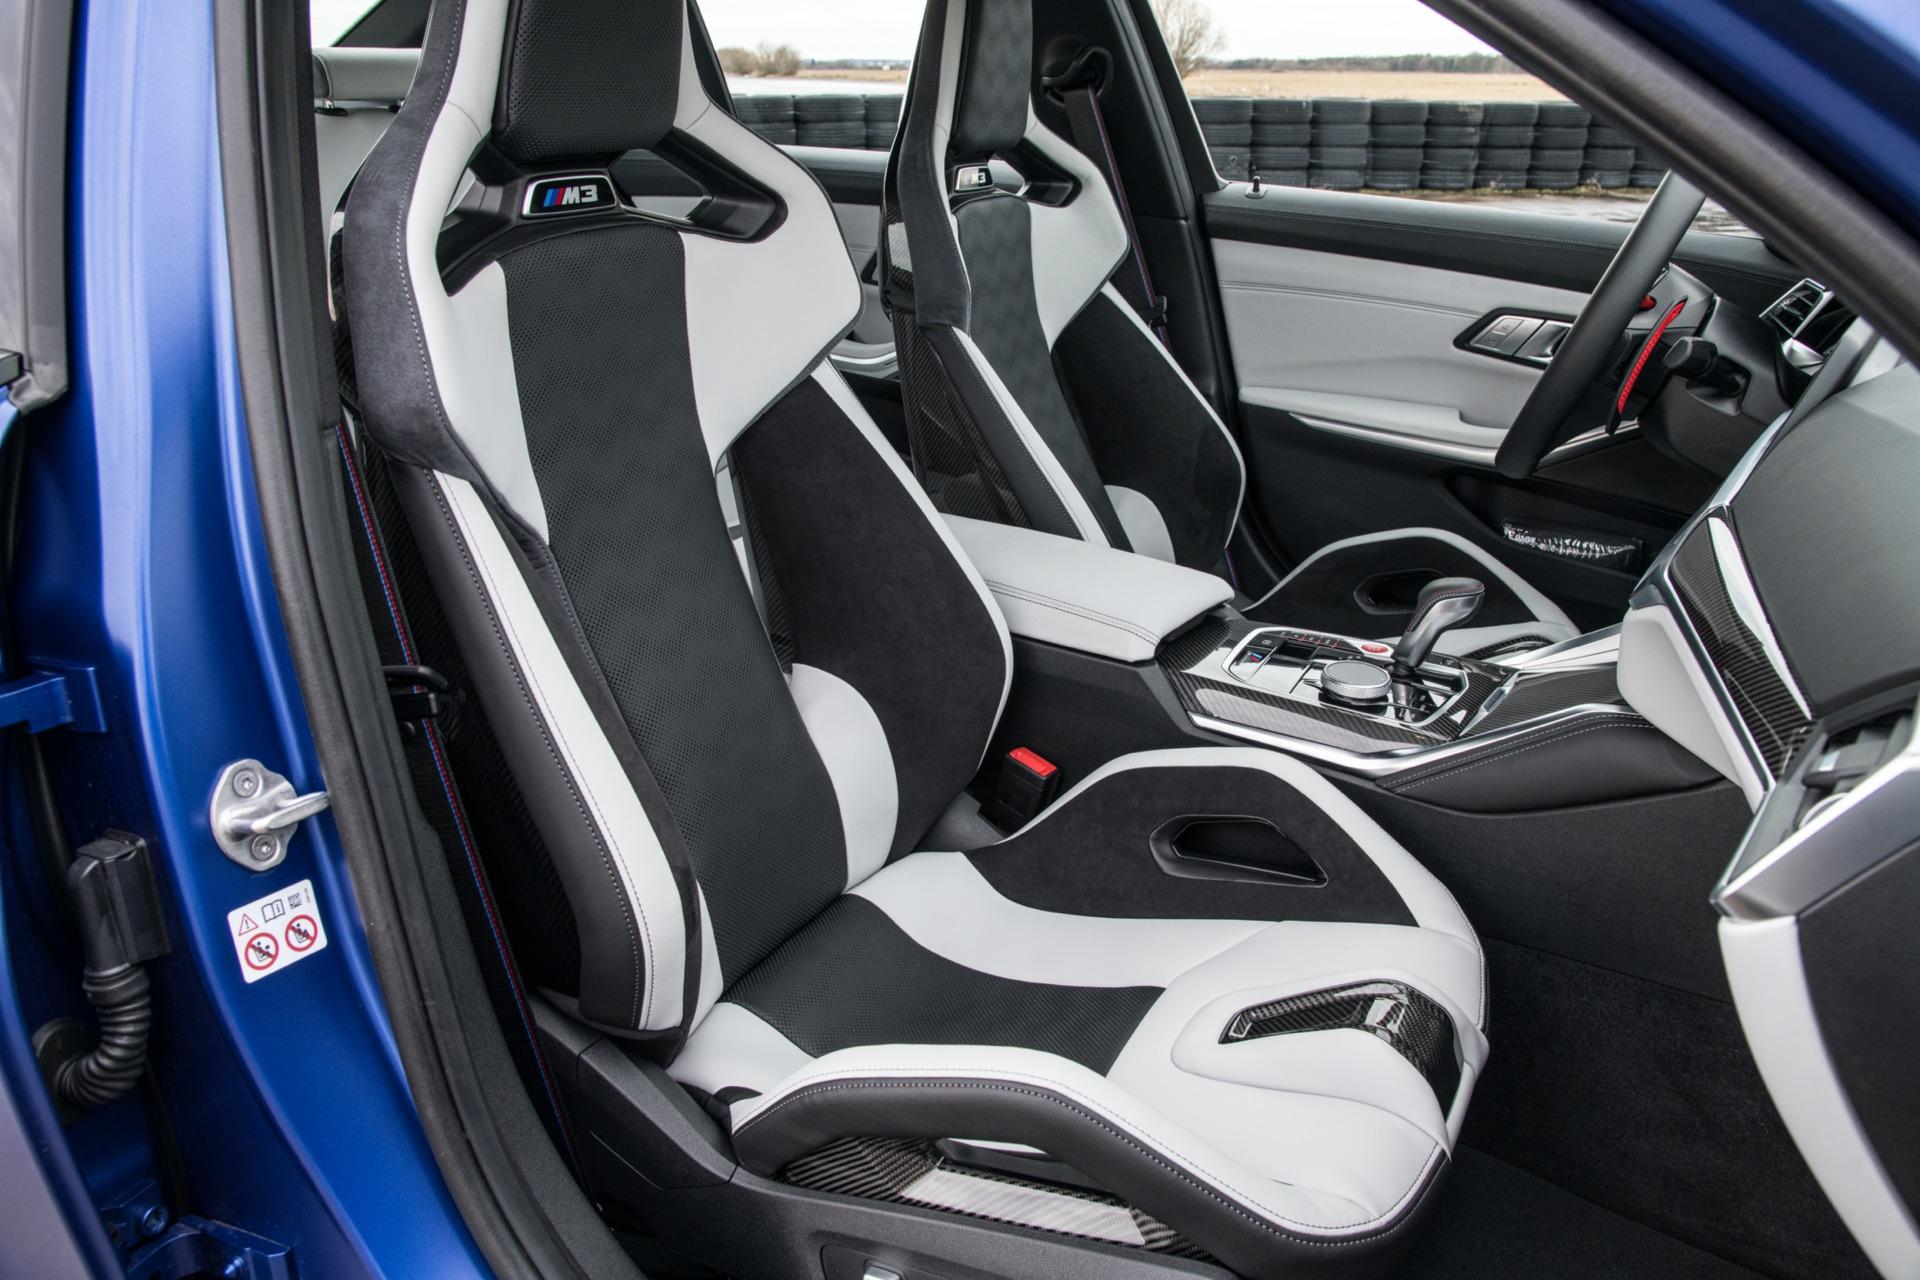 2022 BMW G80 M3 seats